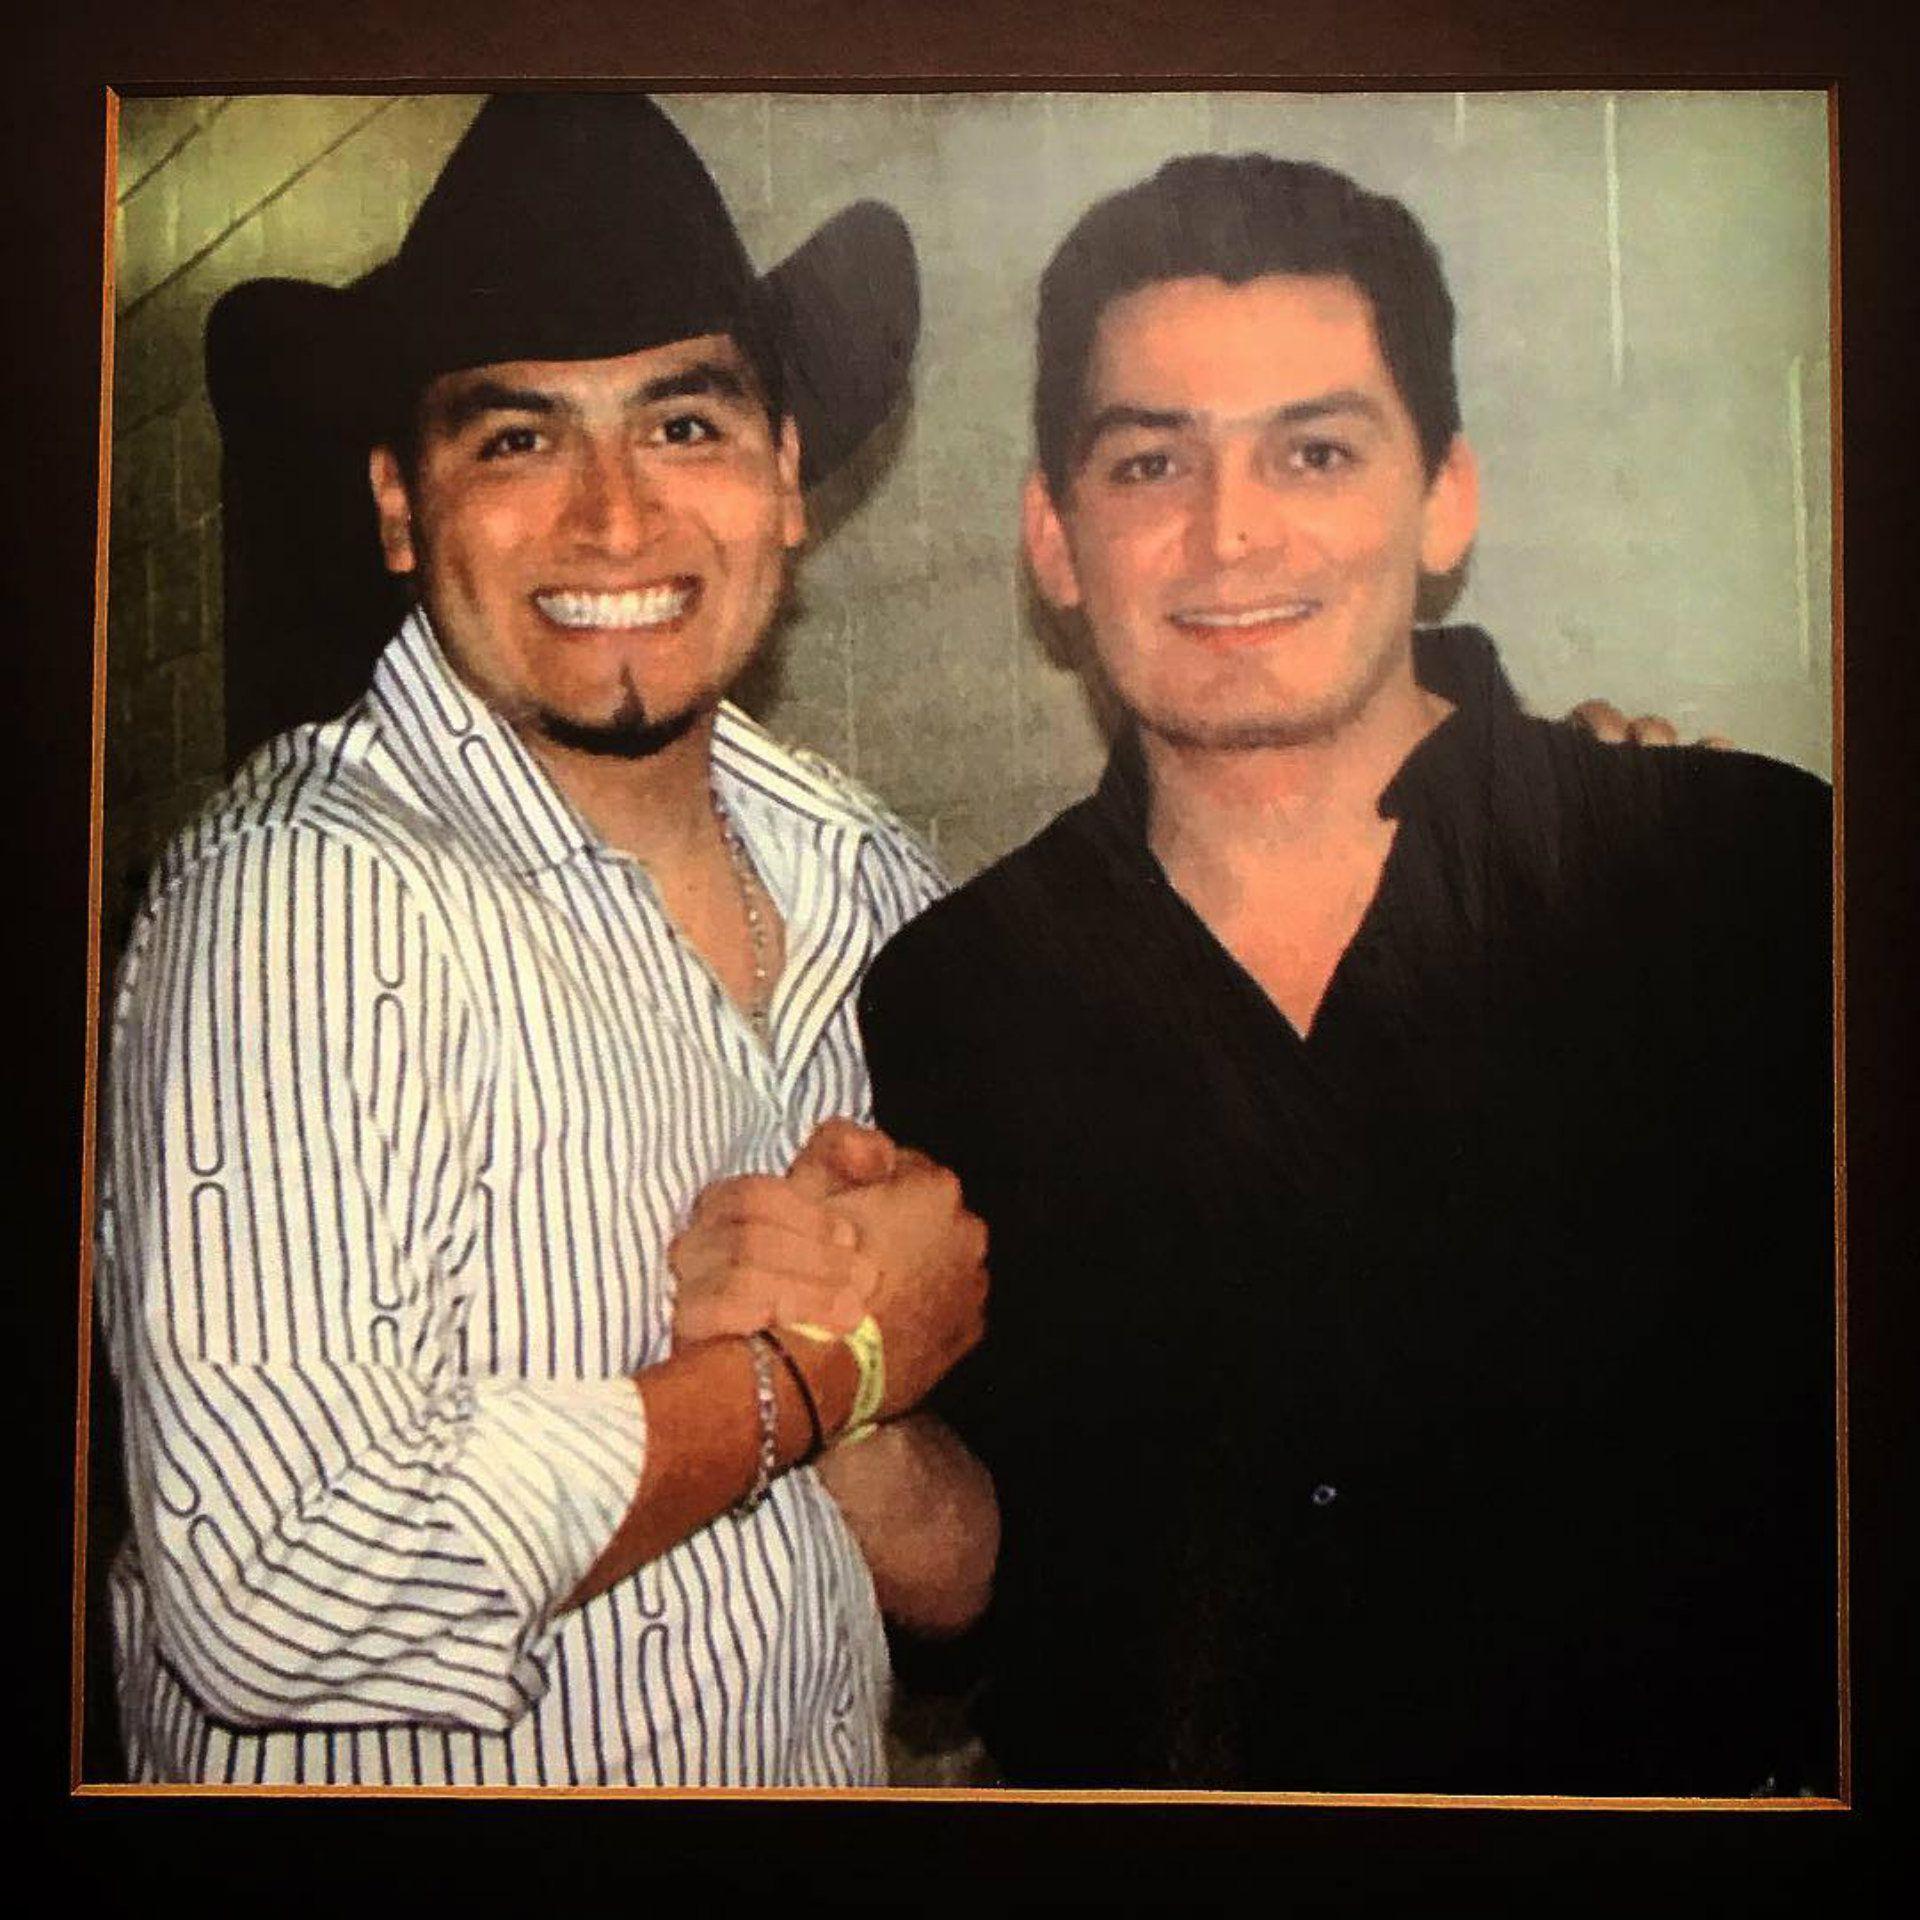 En agosto de 2018, José Manuel Figueroa compartió esta foto en Instagram para recordar a Trigo a 12 años de su muerte